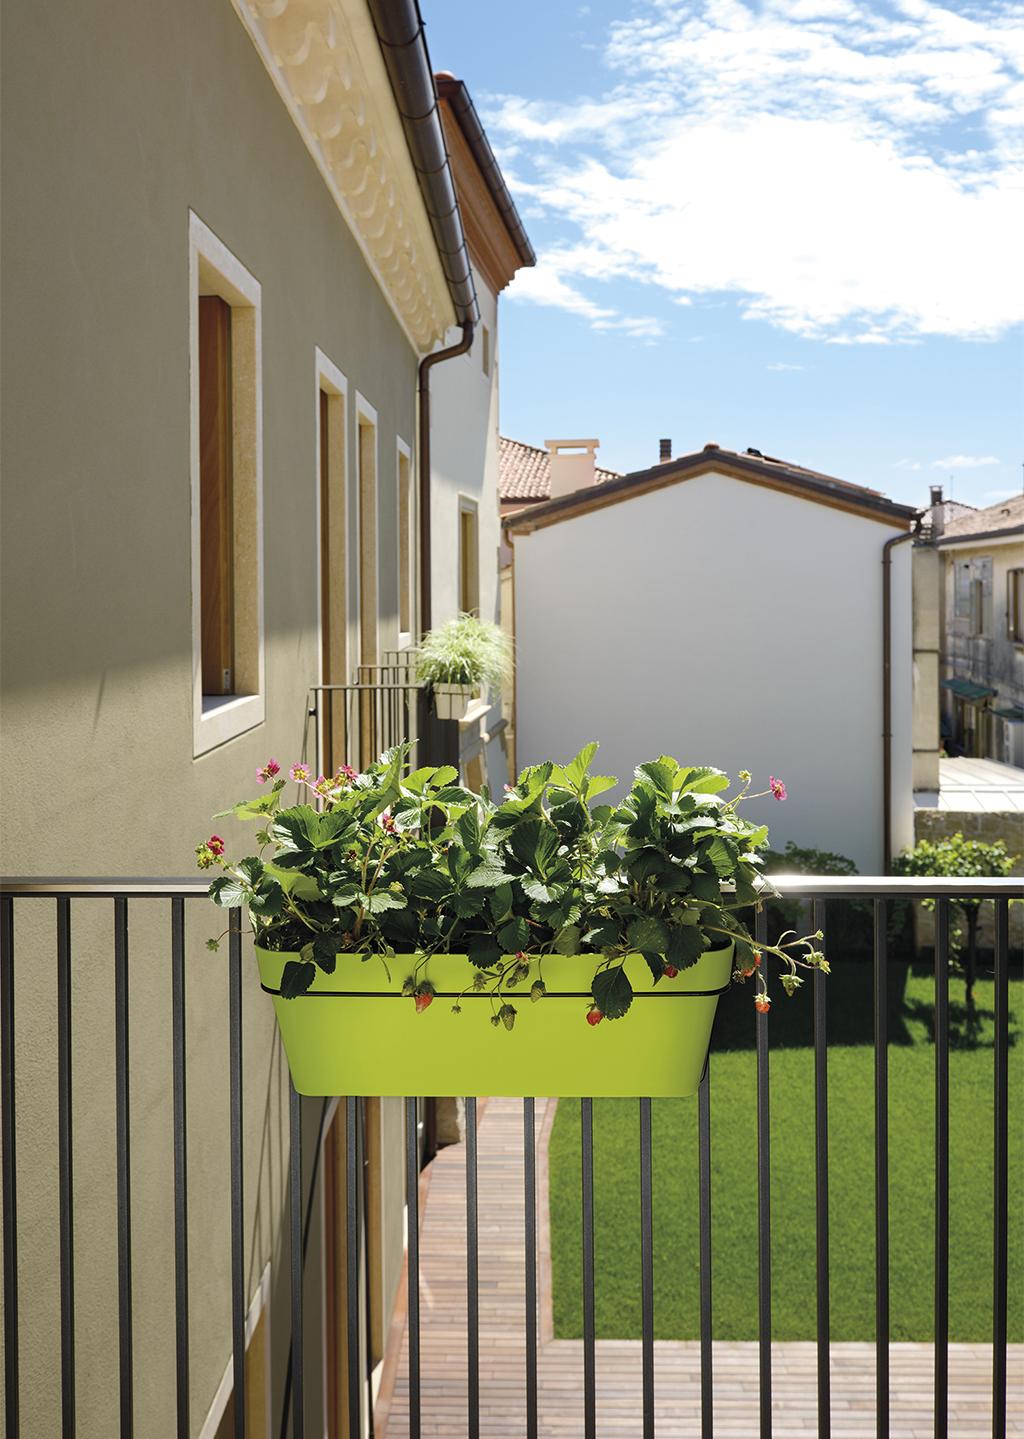 nouveaut chez euro3plast d couvrez la jardini re mitu pac euro3plast la jardini re se pare. Black Bedroom Furniture Sets. Home Design Ideas